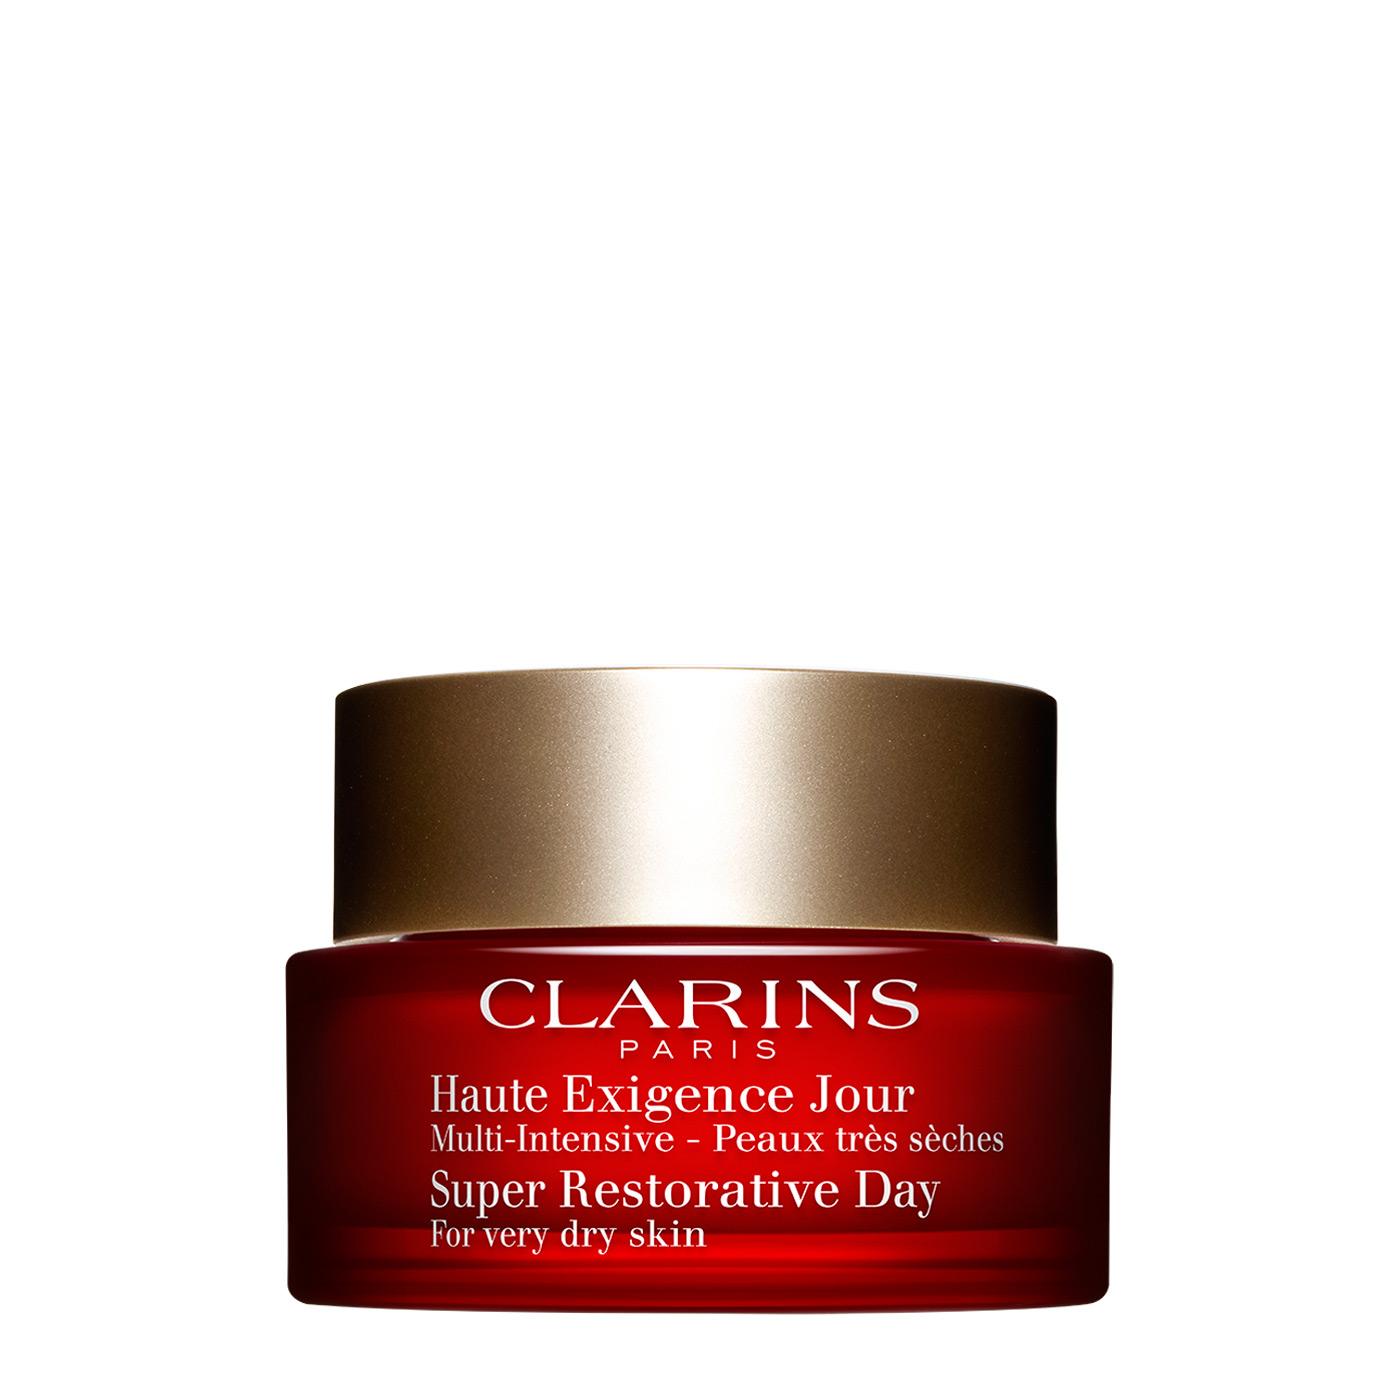 Clarins Creme Haute Exigence Jour Multi Intensive 50 ml pelle secca